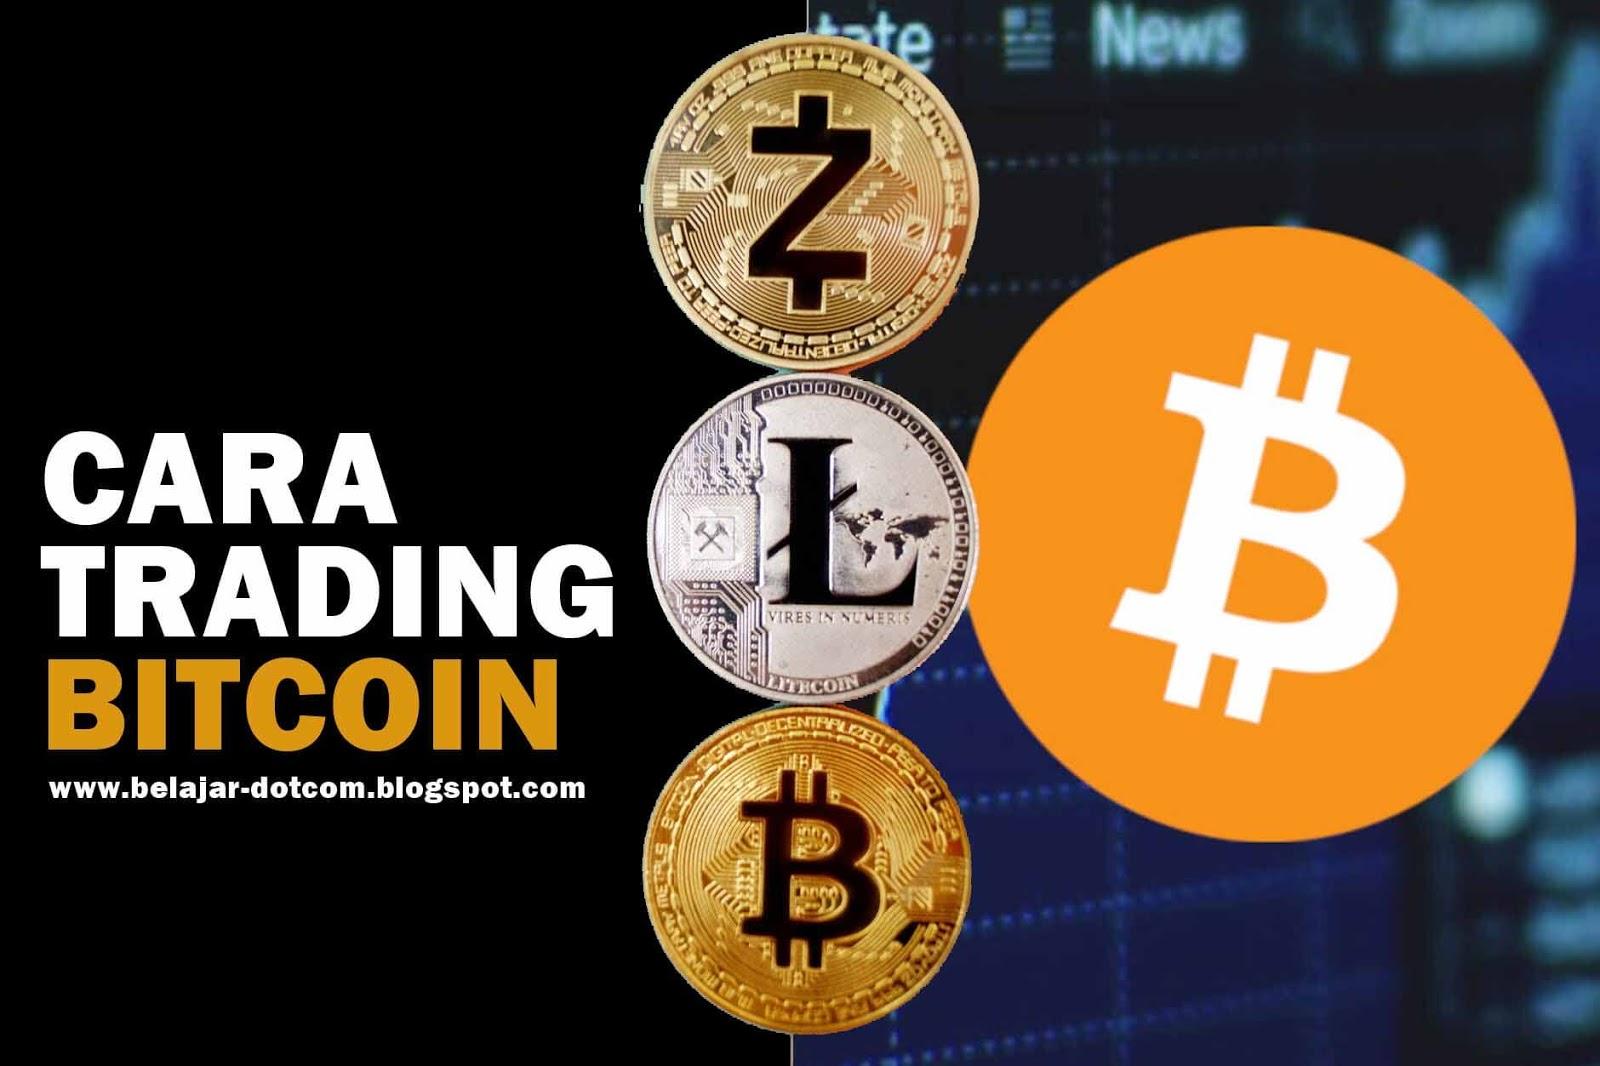 cara trading bitcoin modal kecil